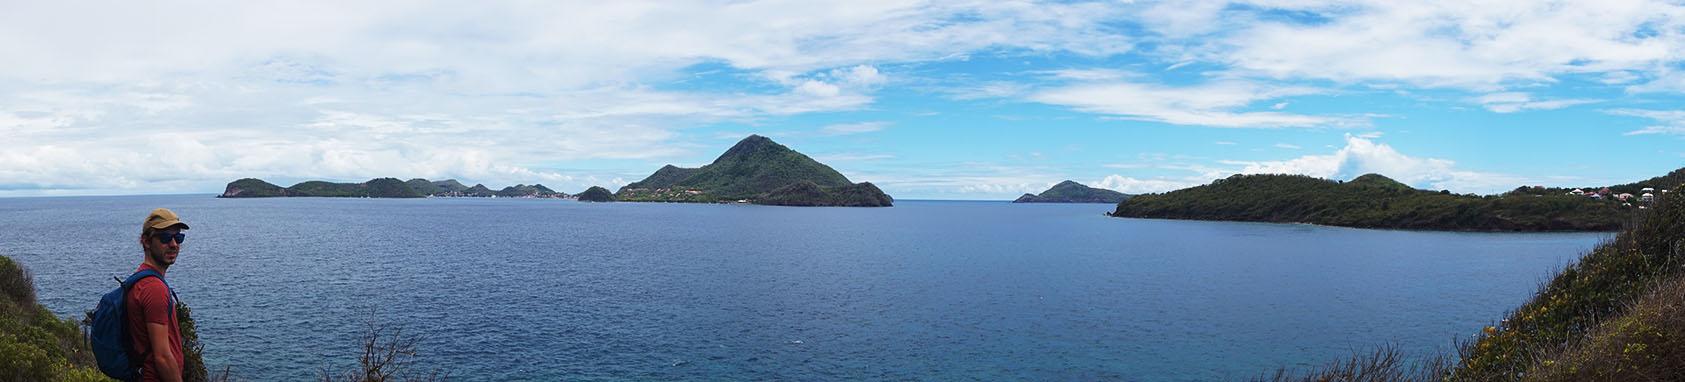 archipel des saintes guadeloupe